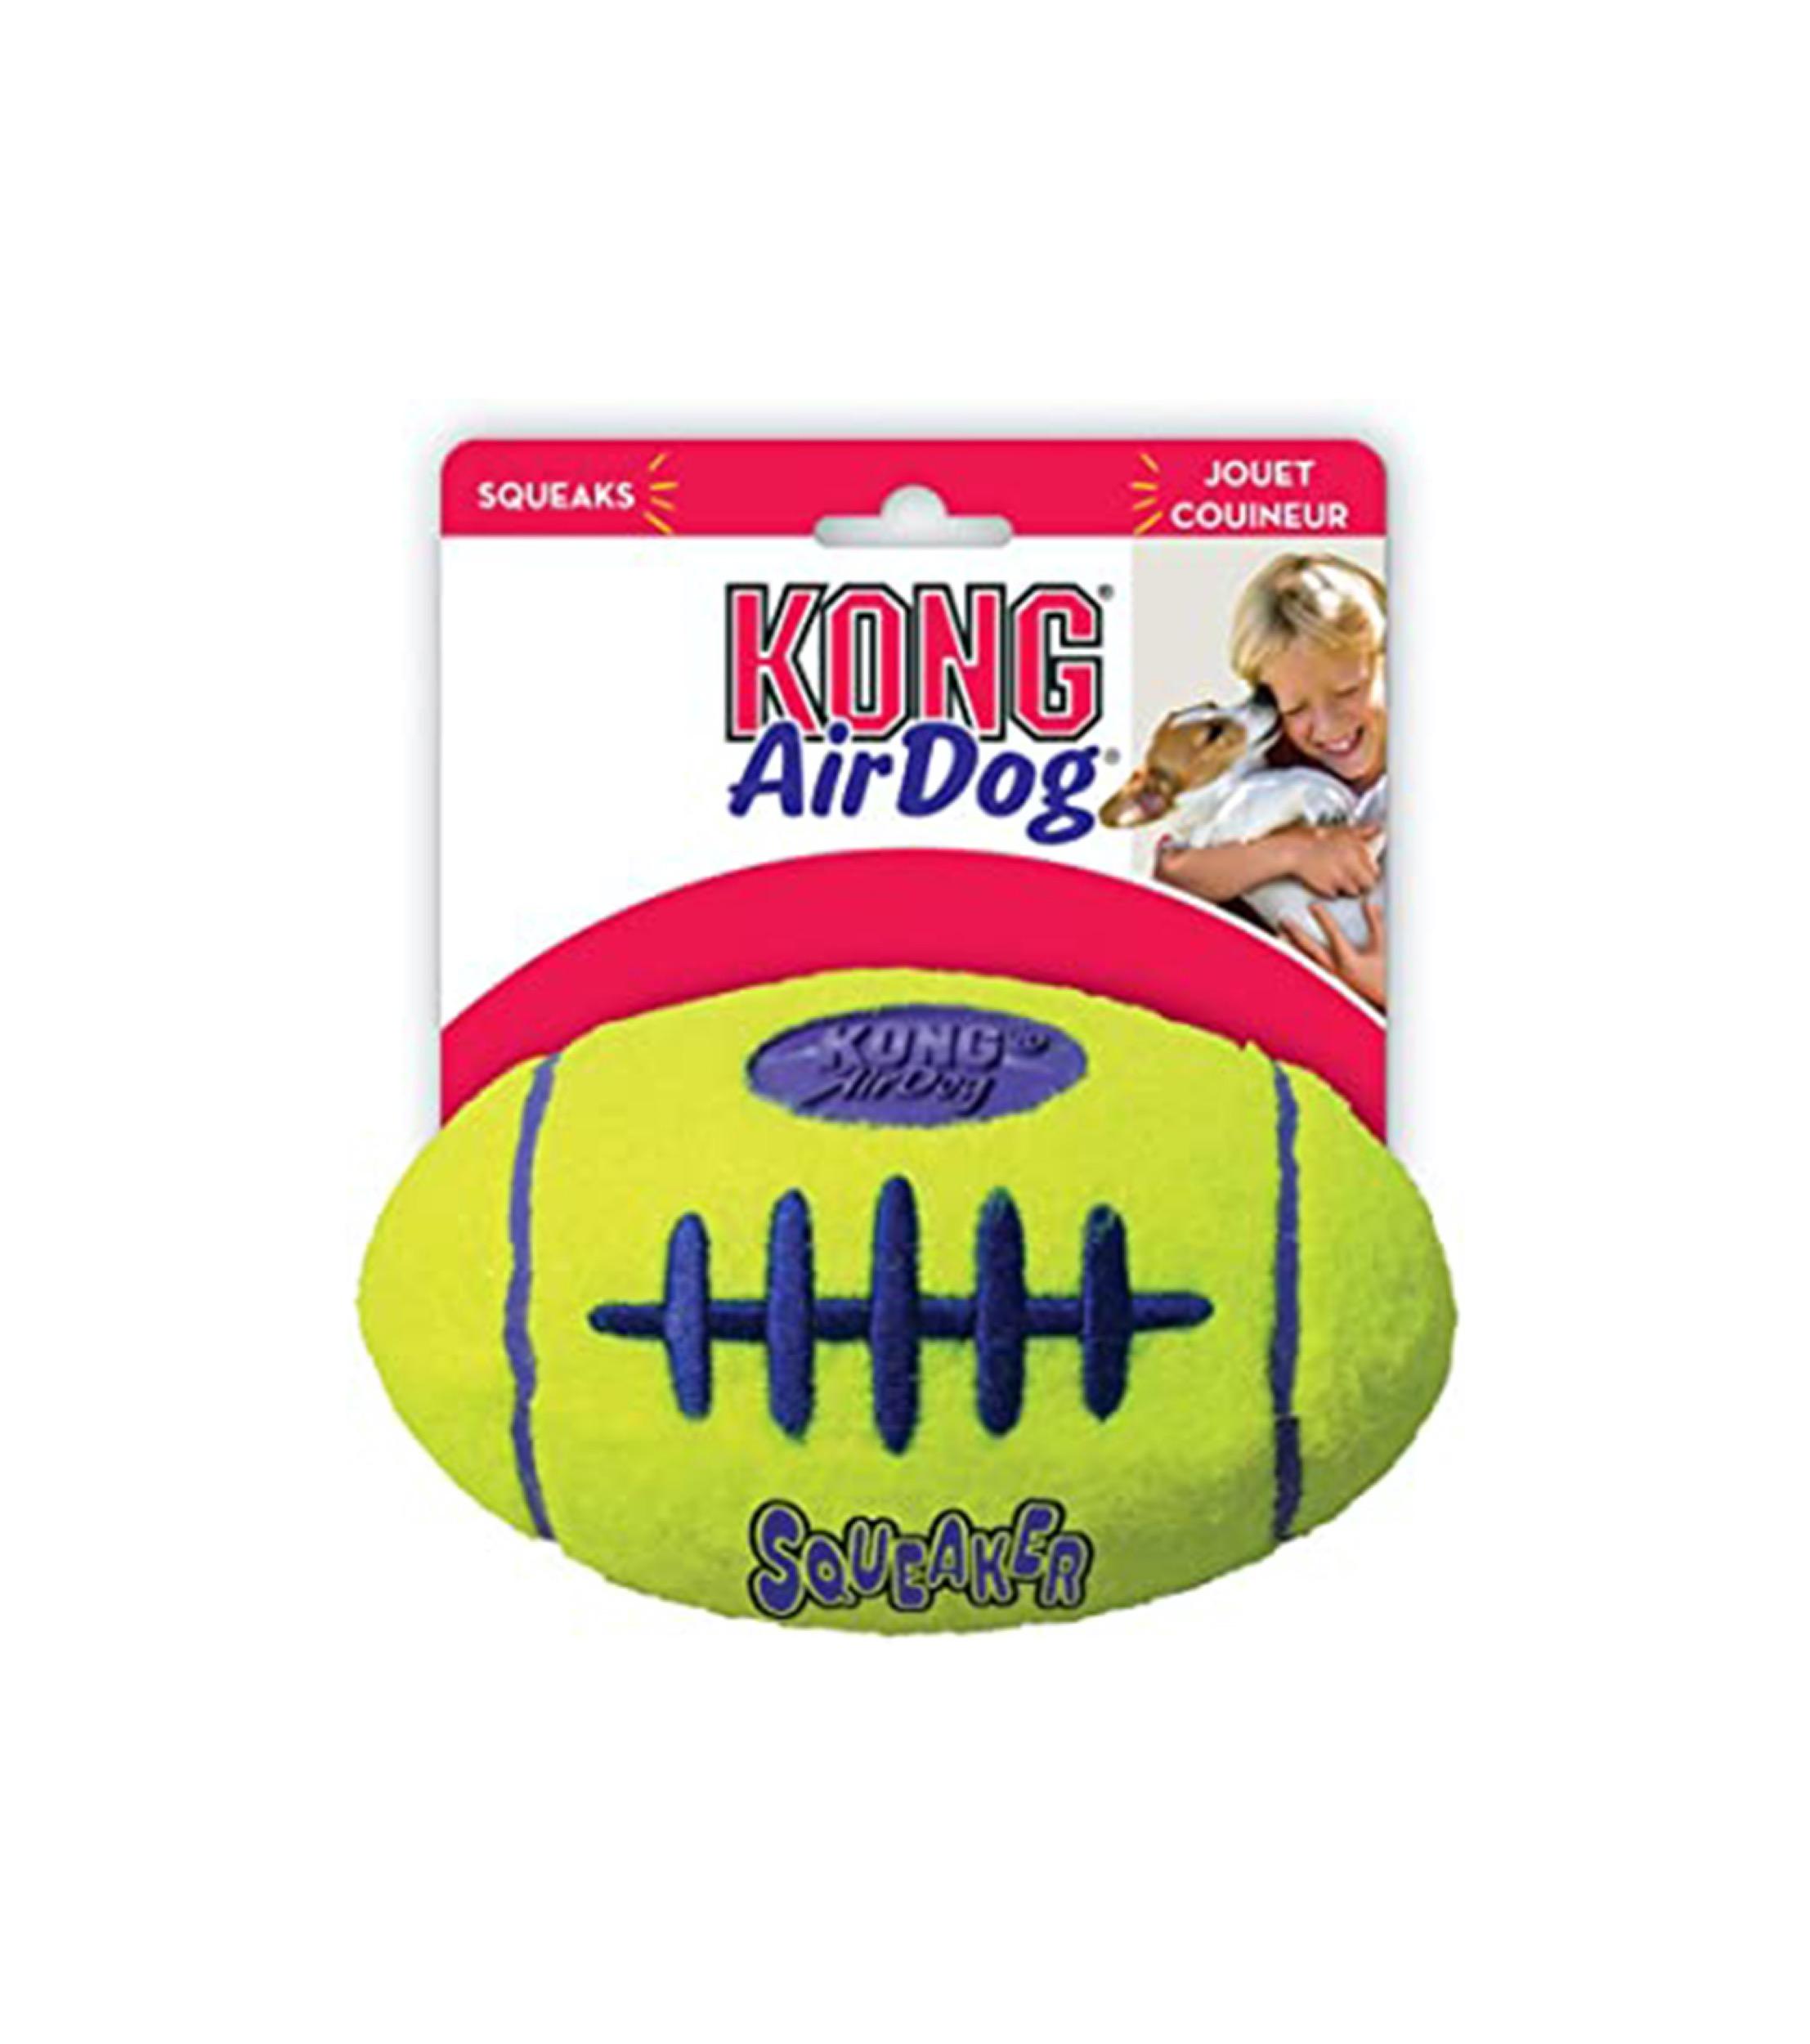 Kong AirDog Football Squeaker